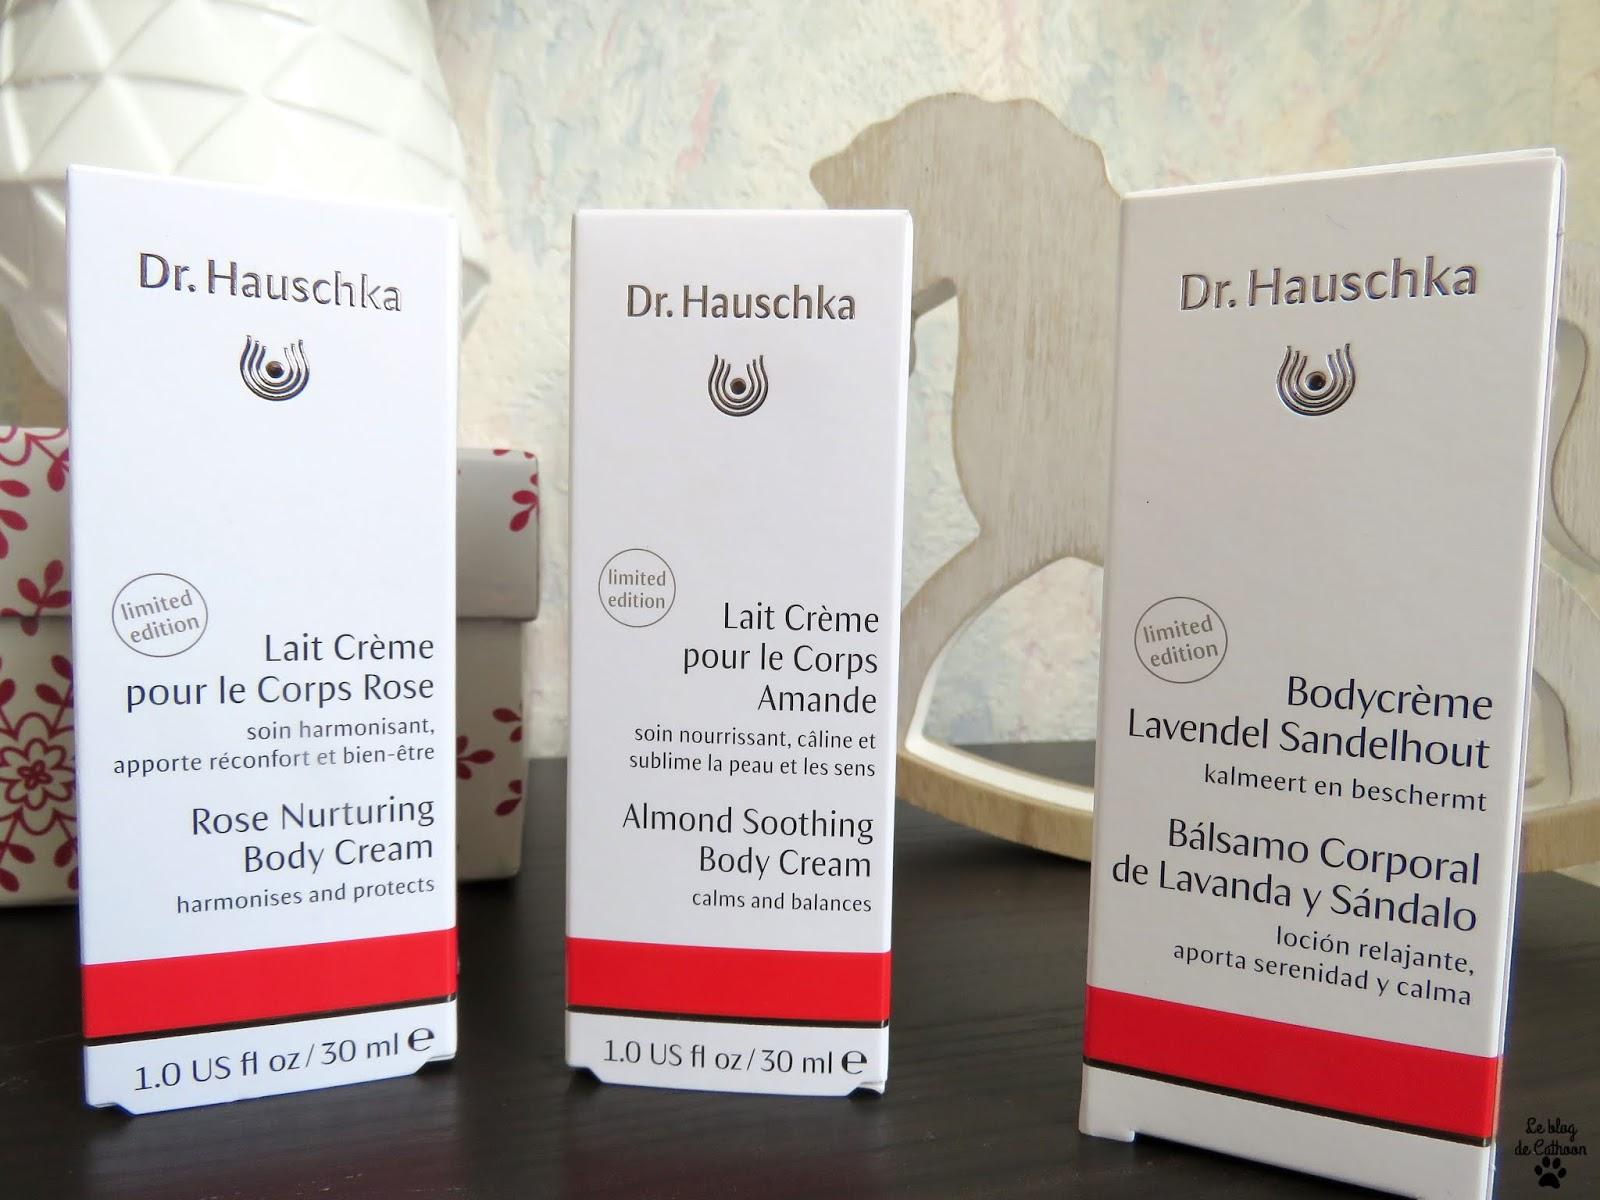 Lait Crème pour le Corps - Dr Hauschka